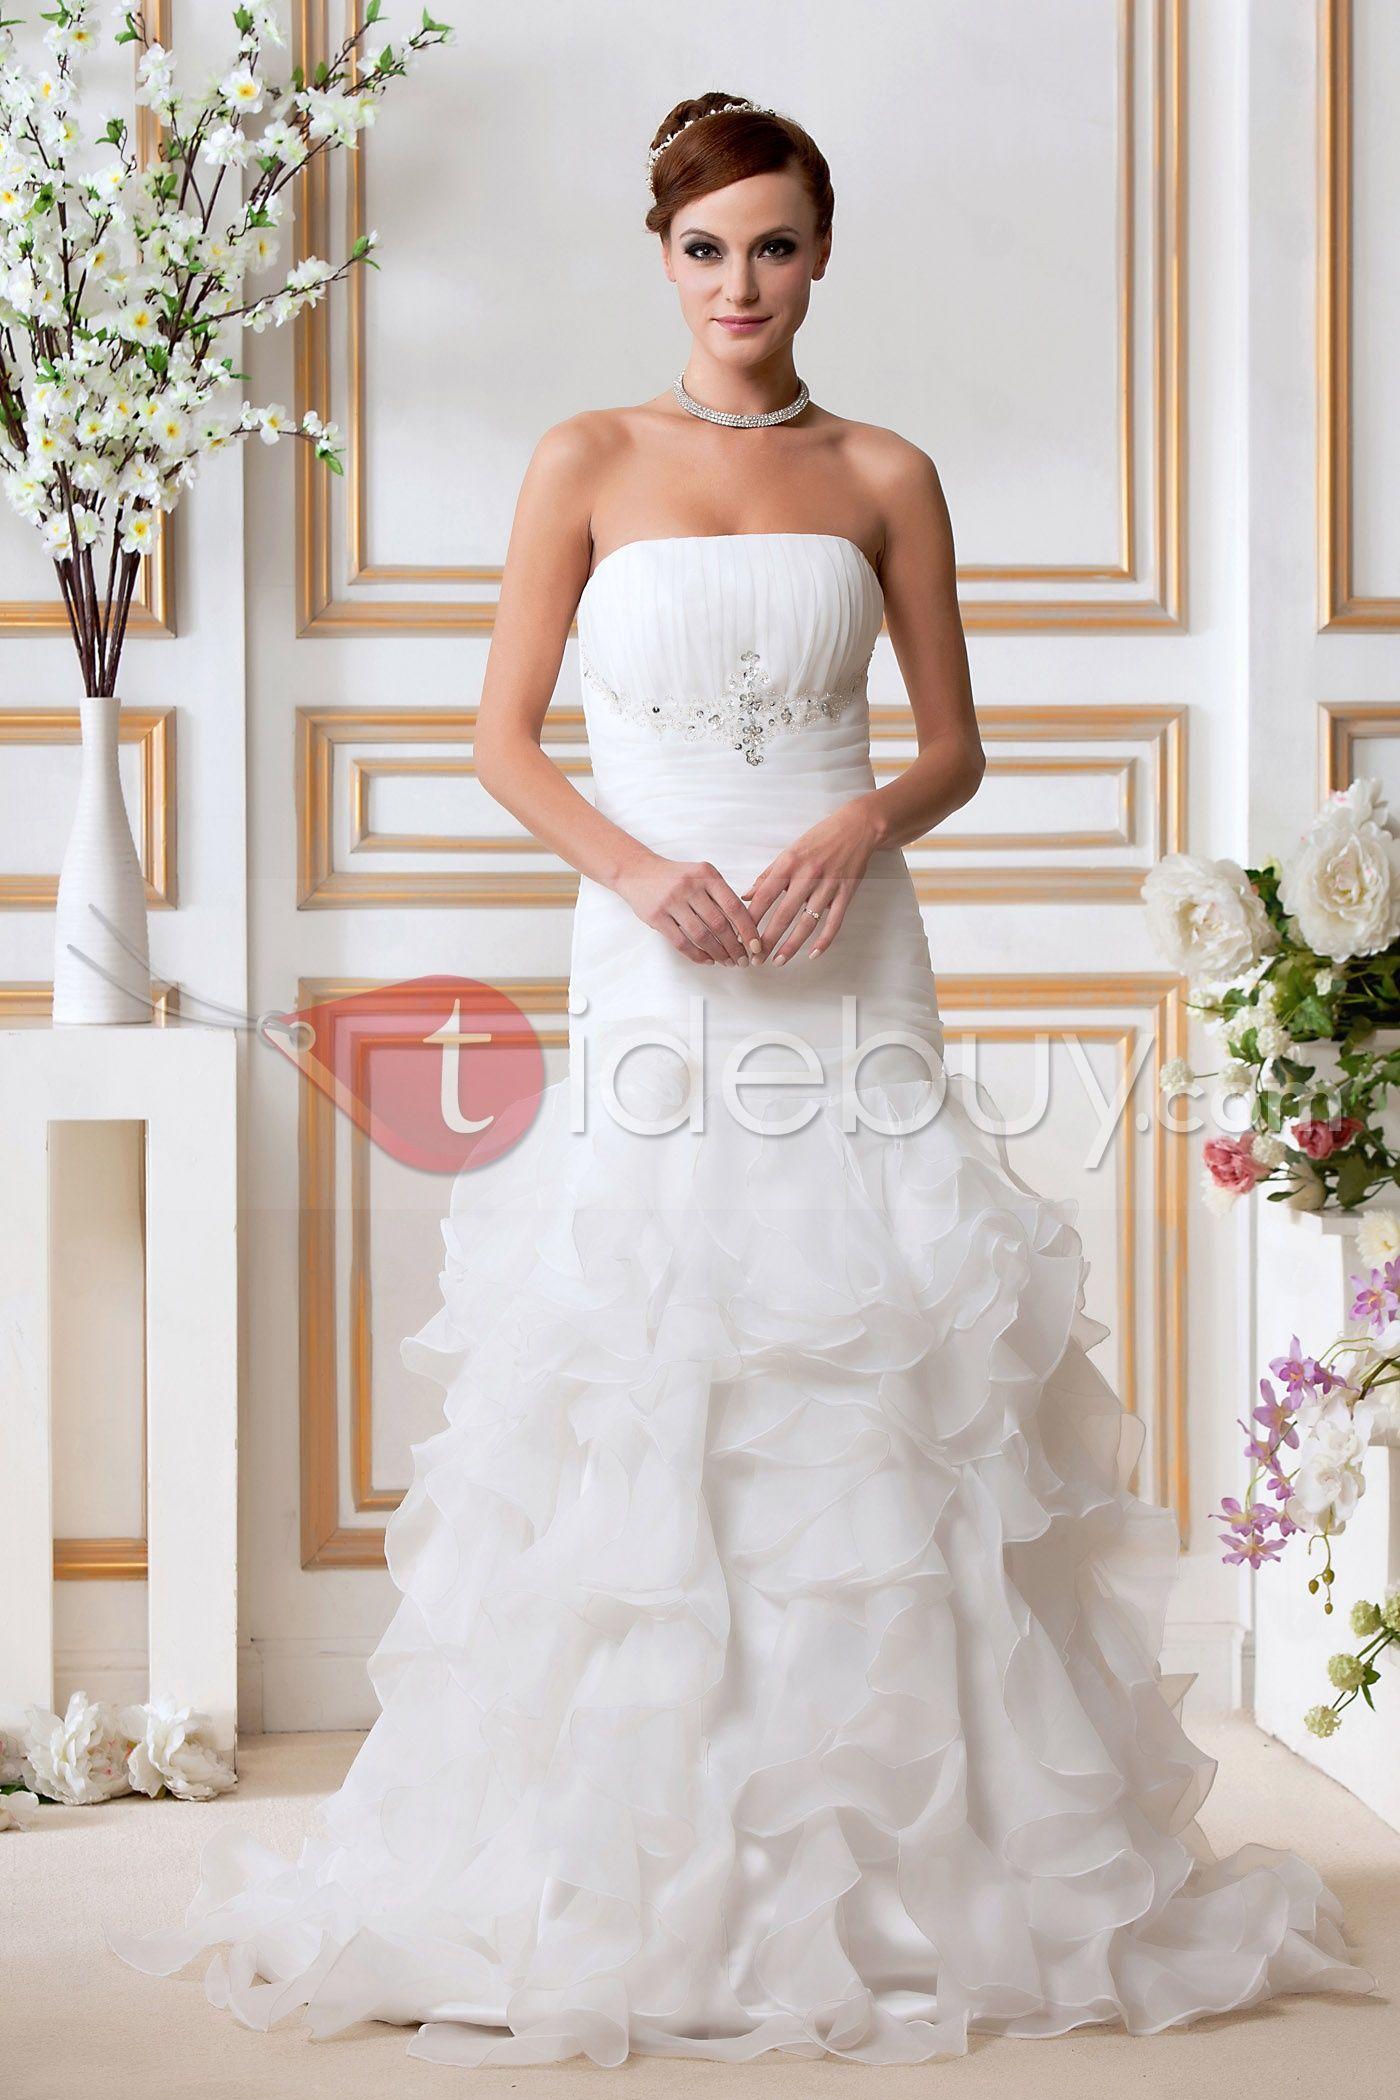 マーメイドストラップレスチャペルひだ飾りウエディングドレス Wedding dresses, Wedding